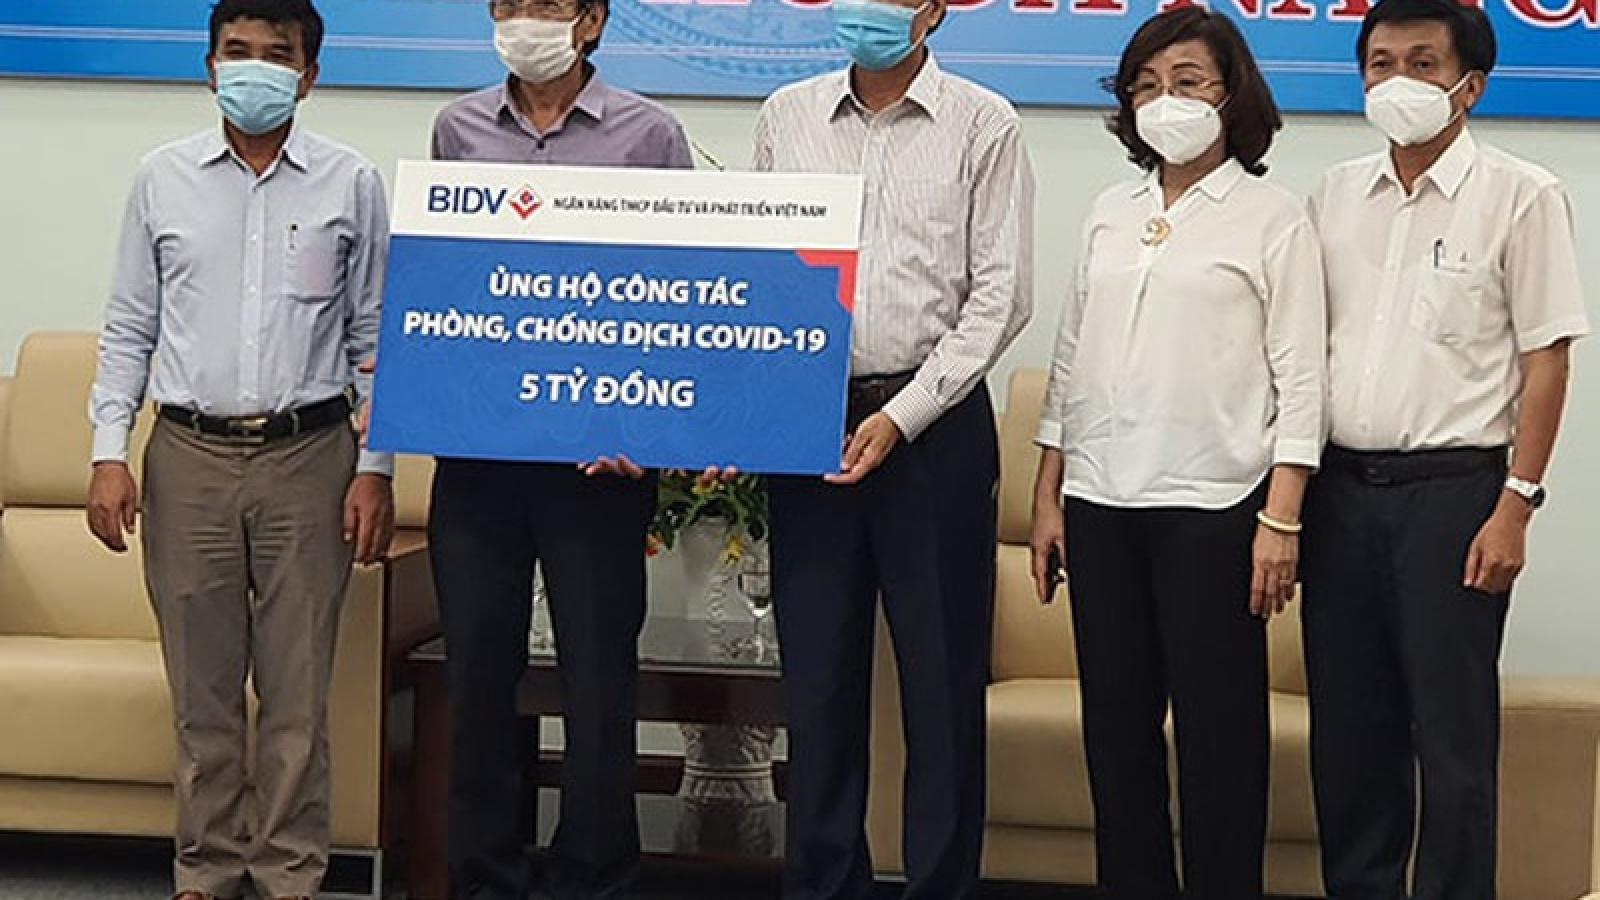 Các ngân hàng ủng hộ TP Đà Nẵng hơn 22 tỷ đồng chống dịch Covid-19